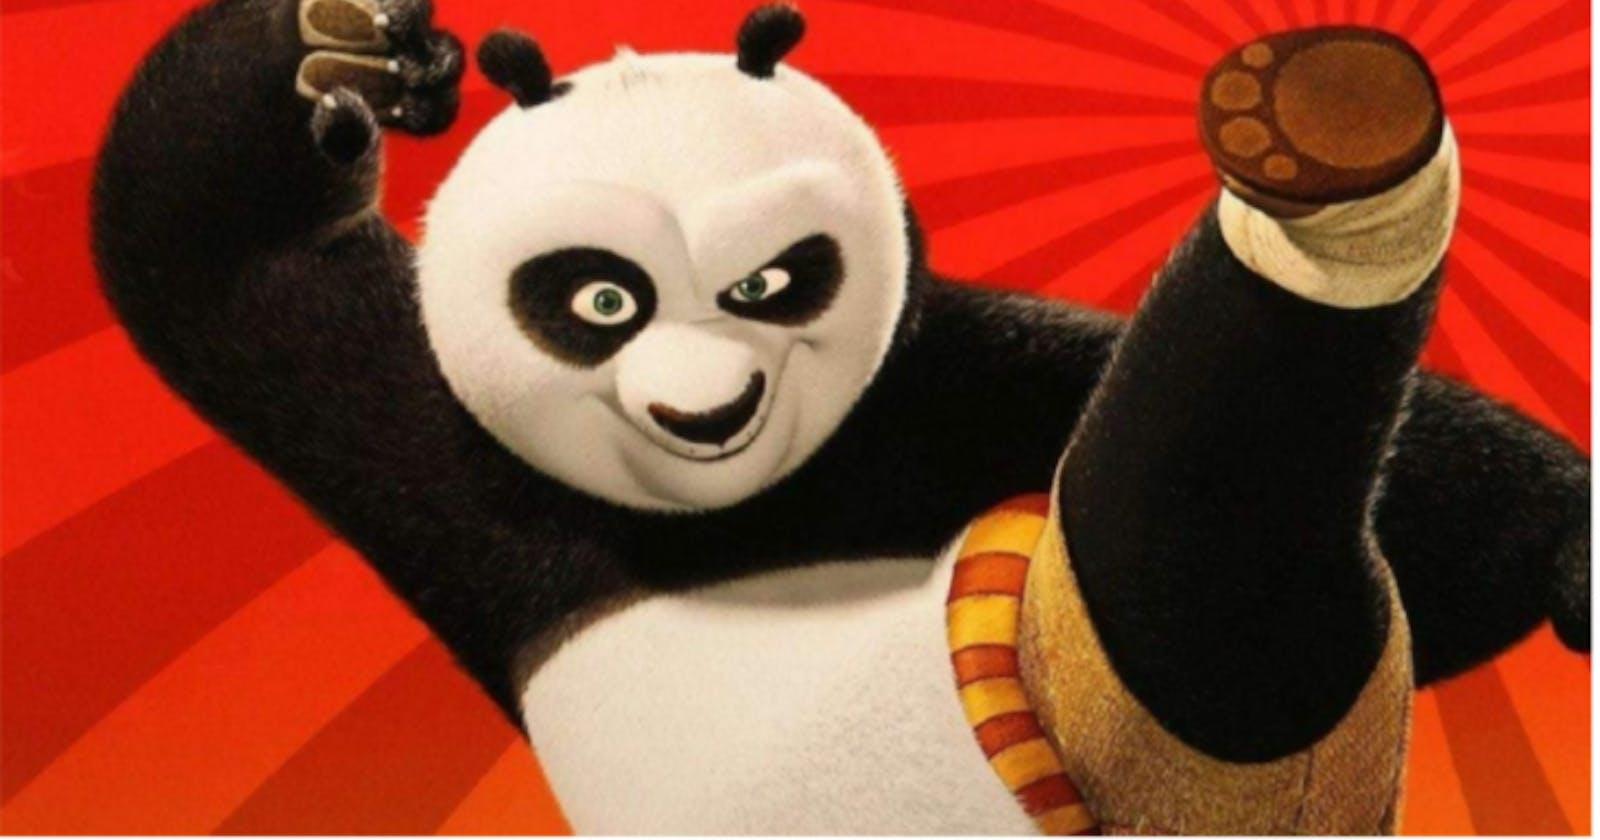 10 Minutes to Dataframe in Pandas